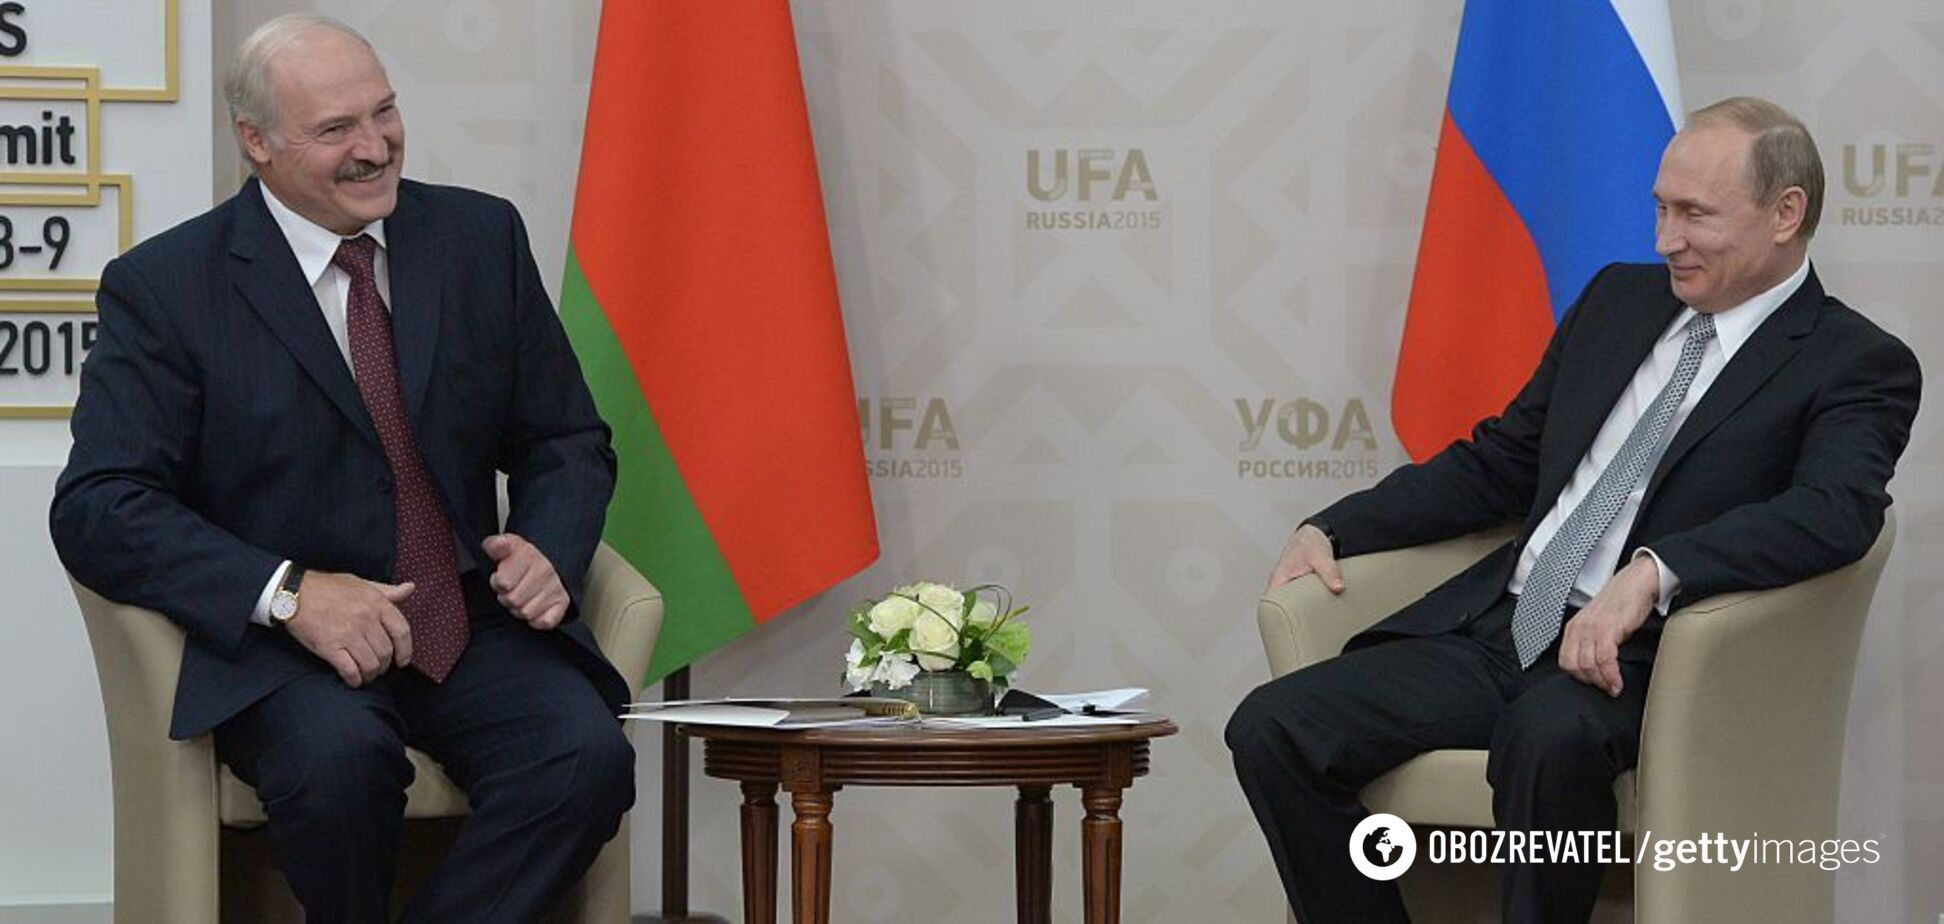 Владимир Путин и Александр Лукашенко на встрече в Сочи